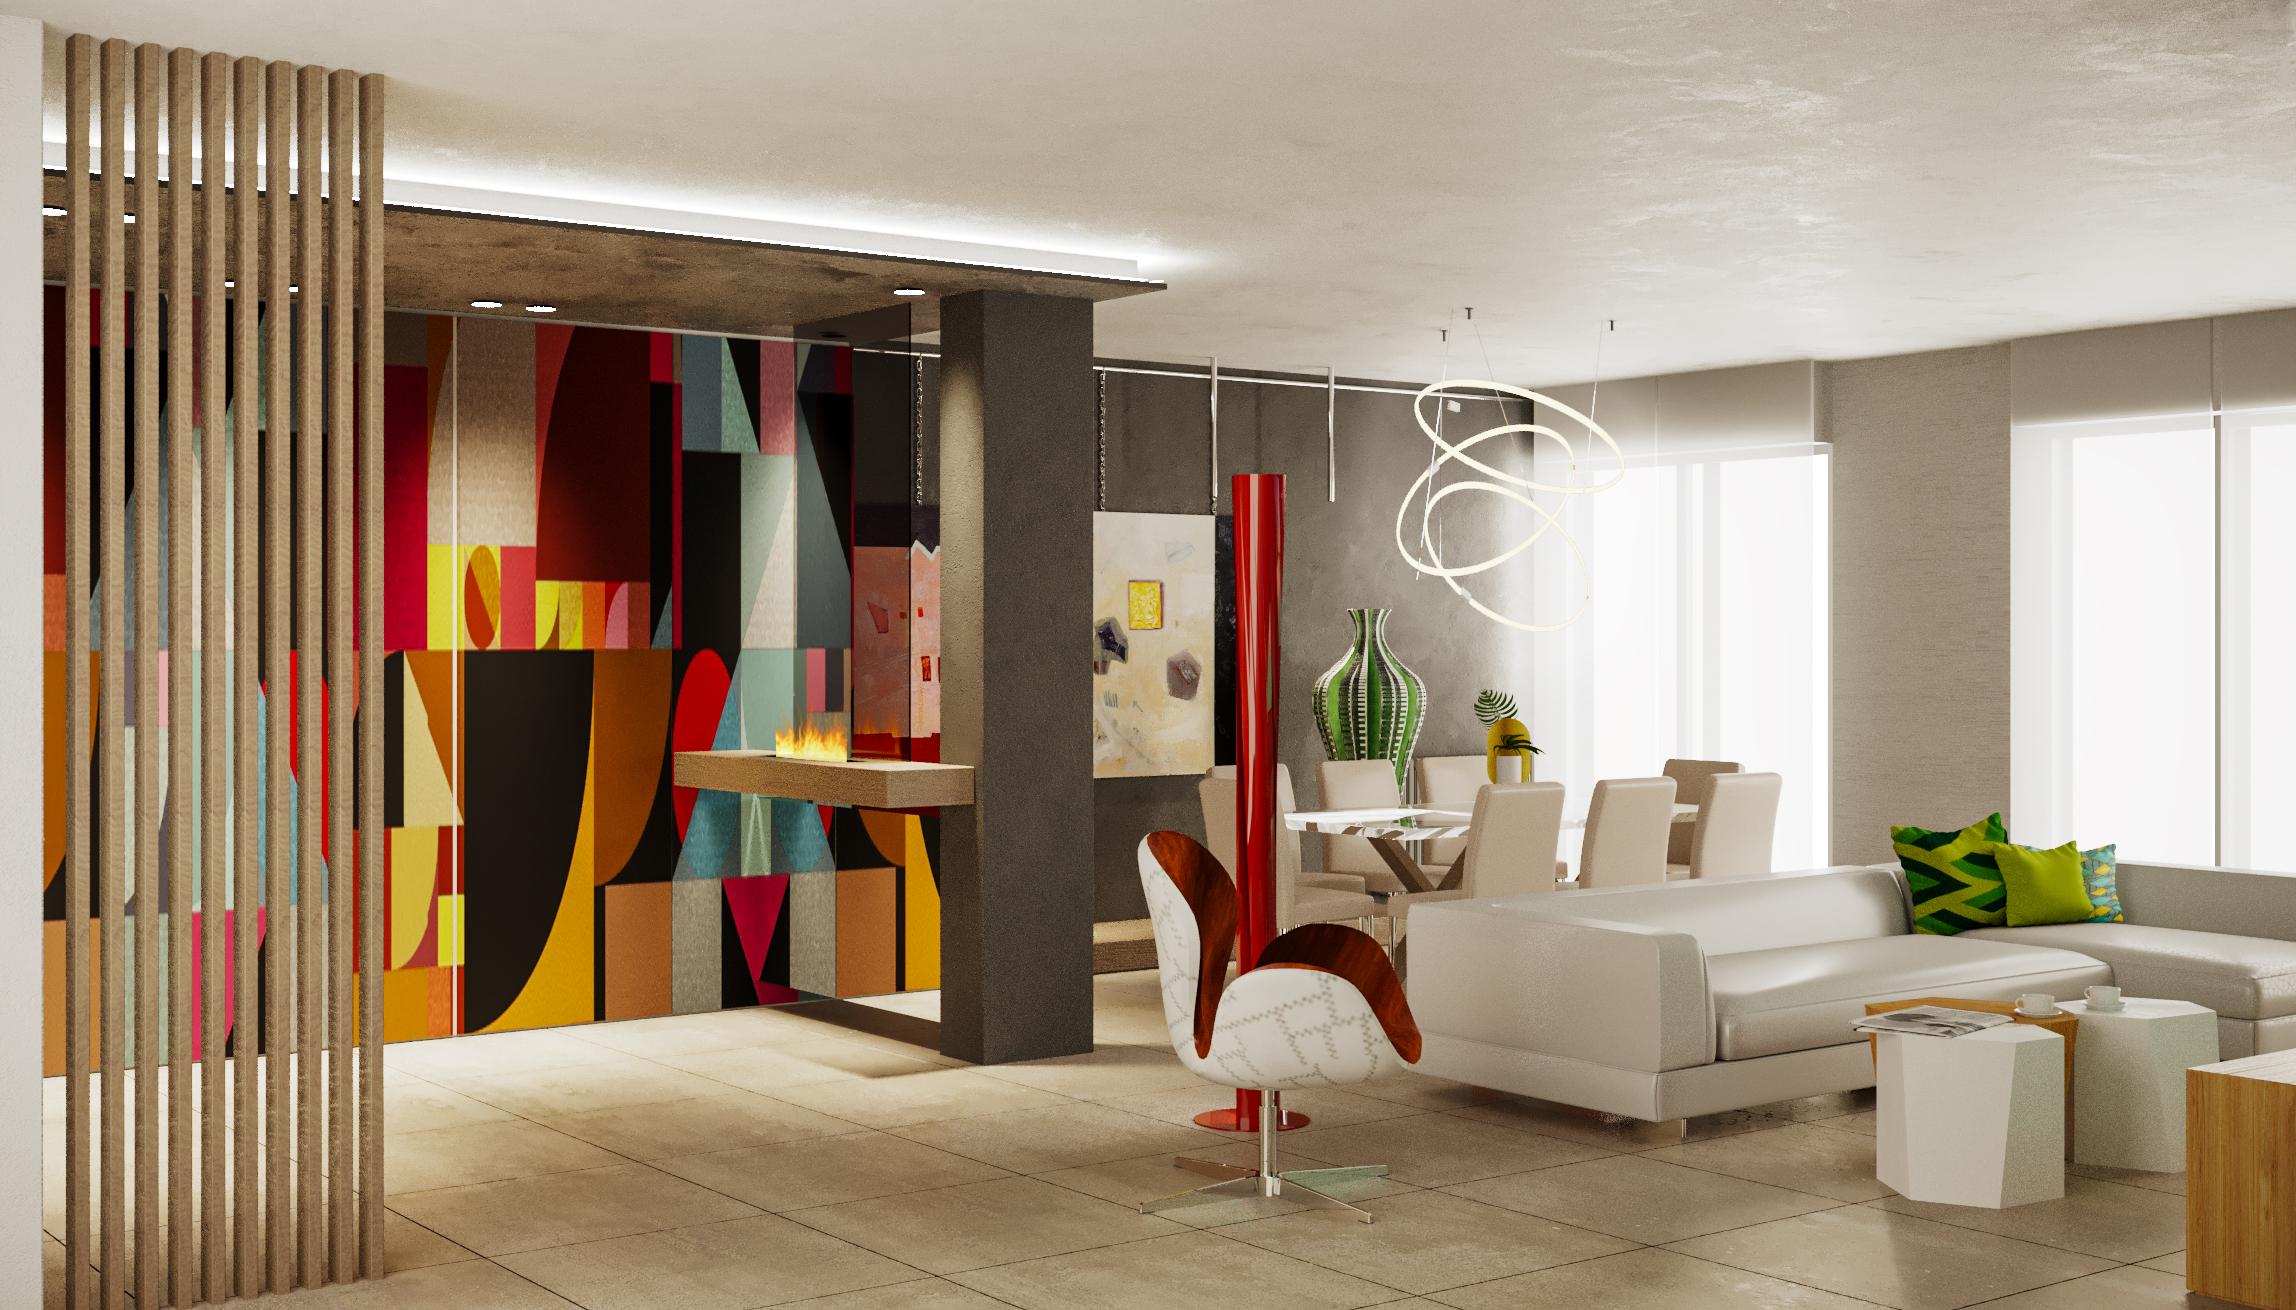 Interior design di una zona giorno con un mobile interamente decorato ad opera di un artista. un ambiente dove design e arte convivono.